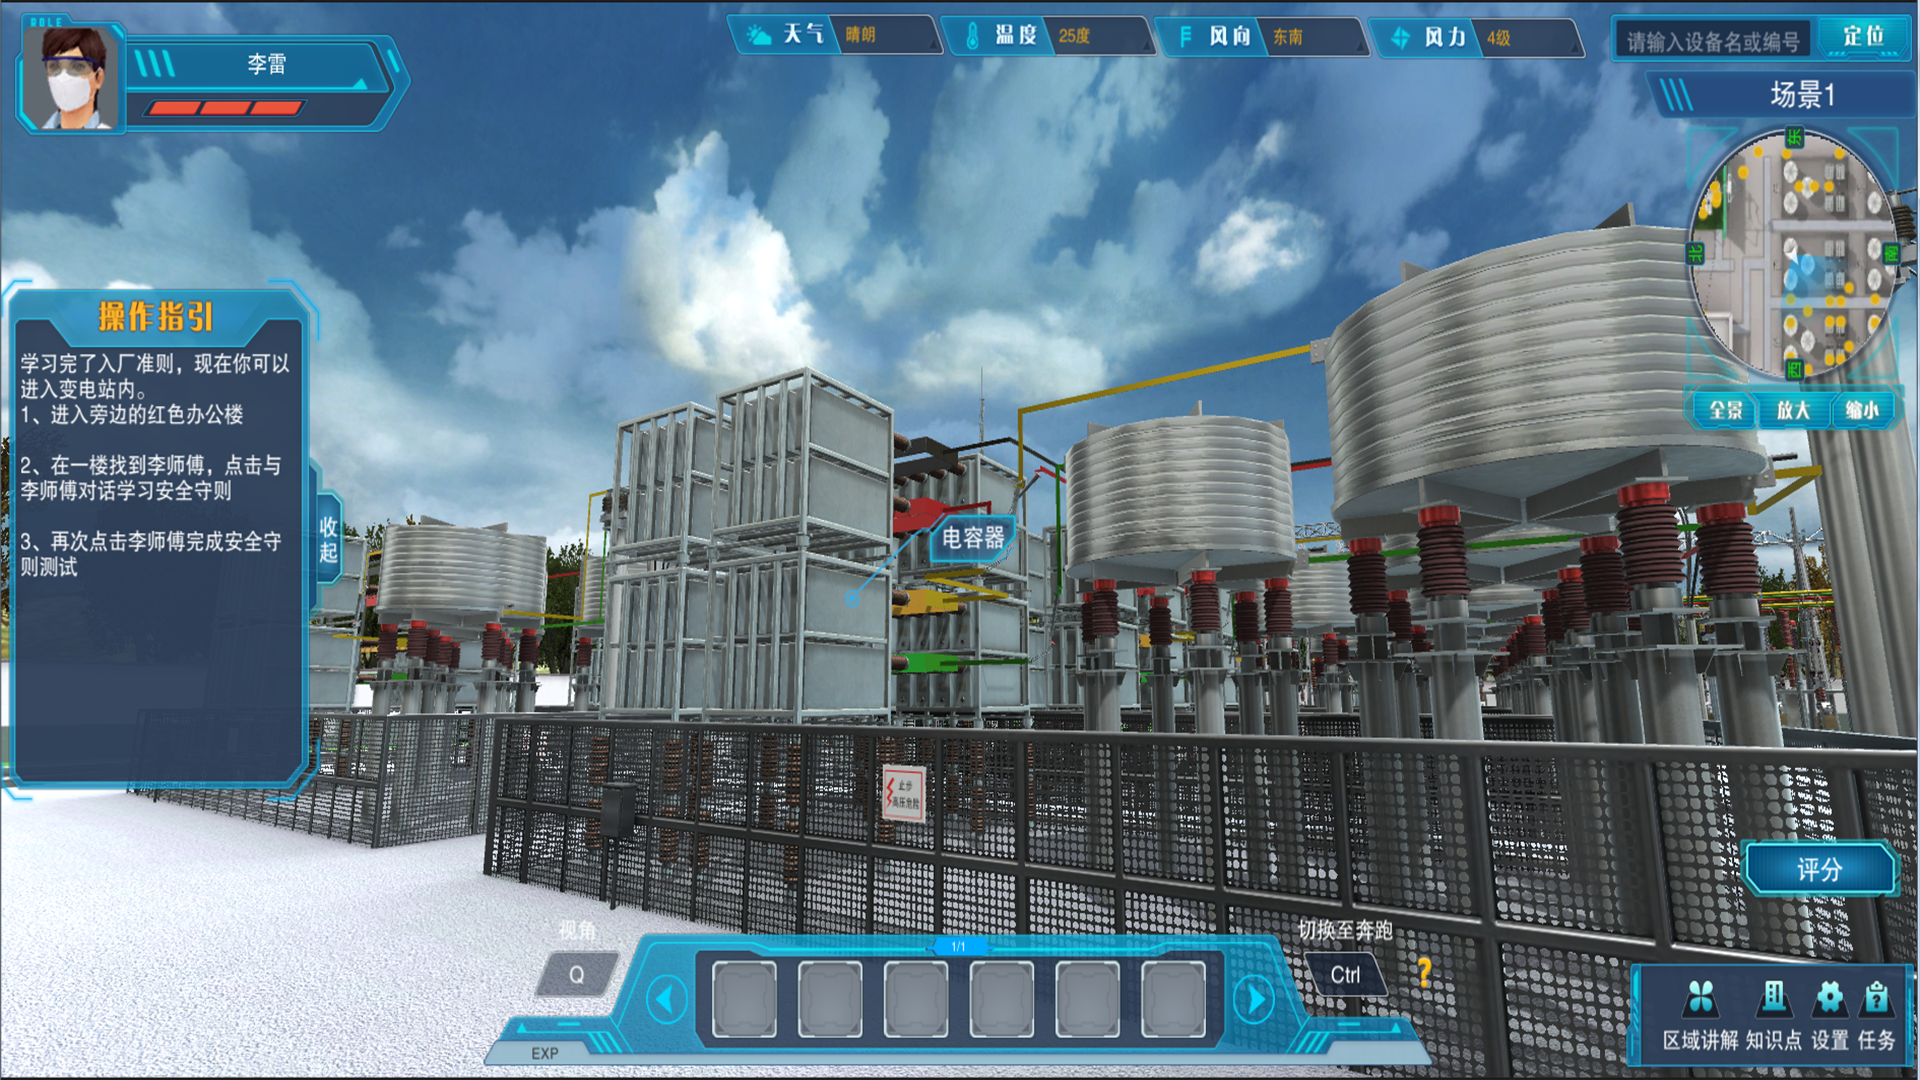 模拟变电站了解一下?北京欧倍尔变电站虚拟仿真软件